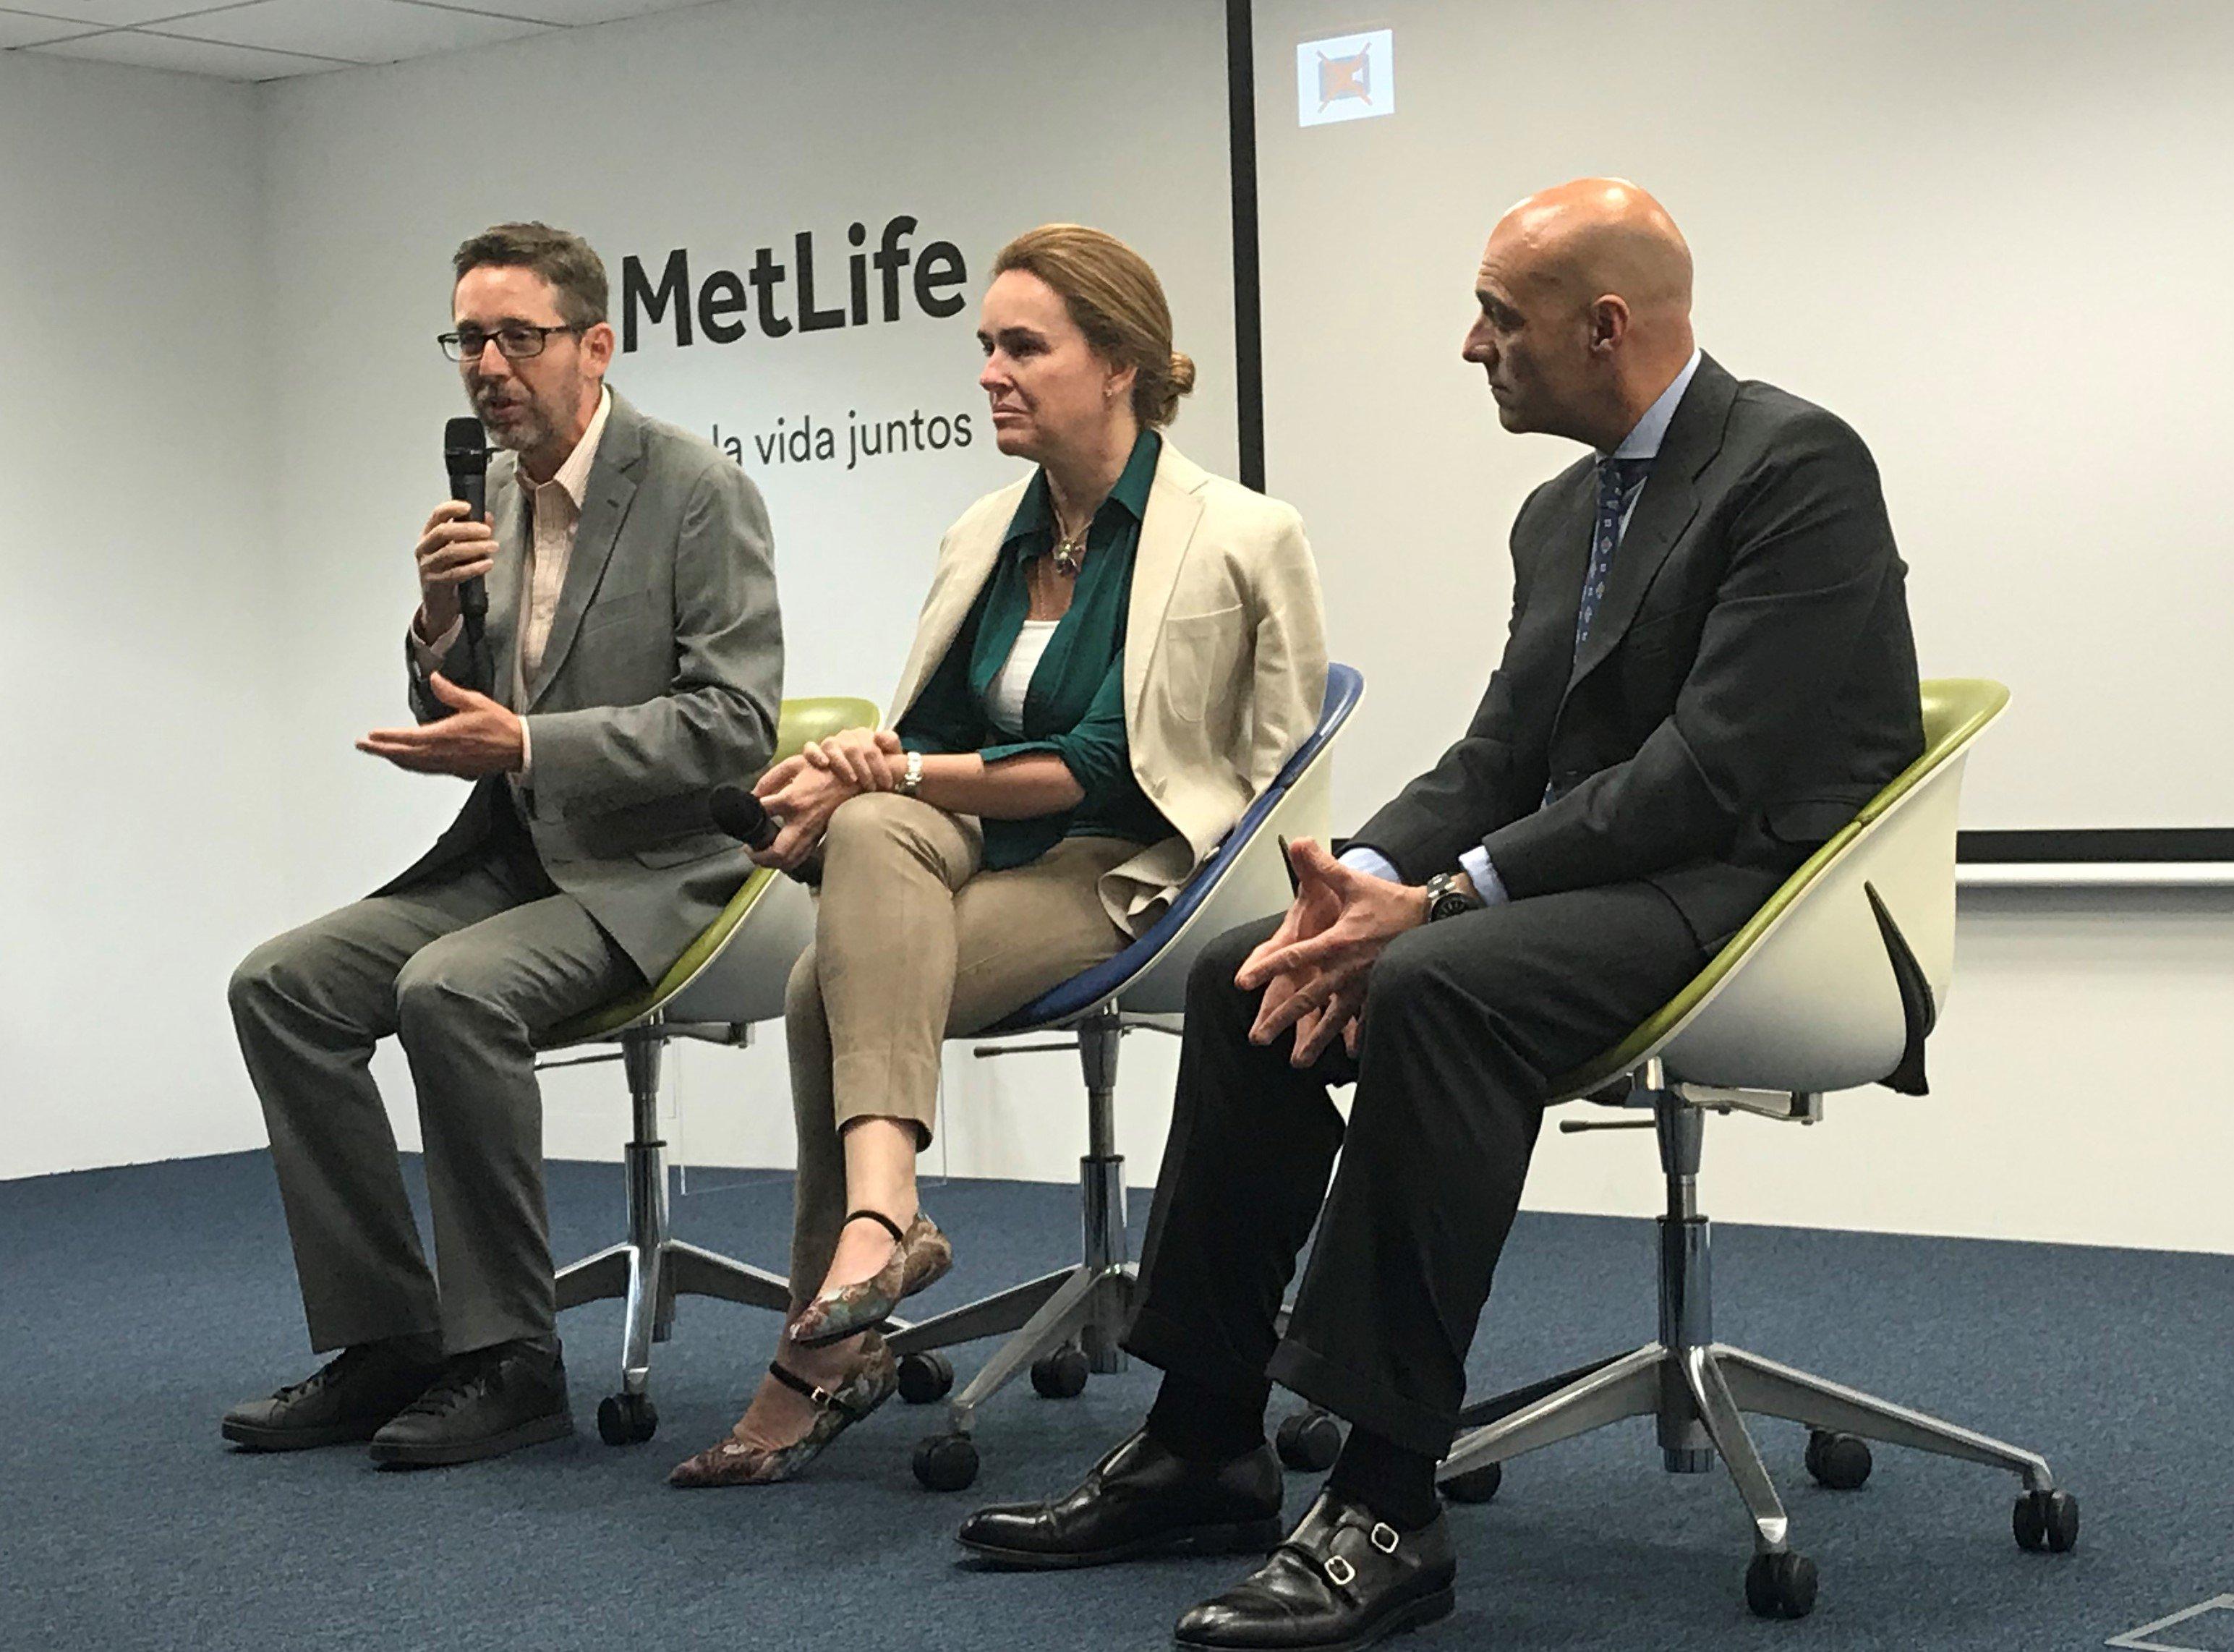 Óscar Herencia, VP del sur de Europa y Director General en Iberia de MetLife, Maria Sánchez del Corral, presidenta de la Asociación de Marketing de España y Fernando Rivero, CEO de ditrendia